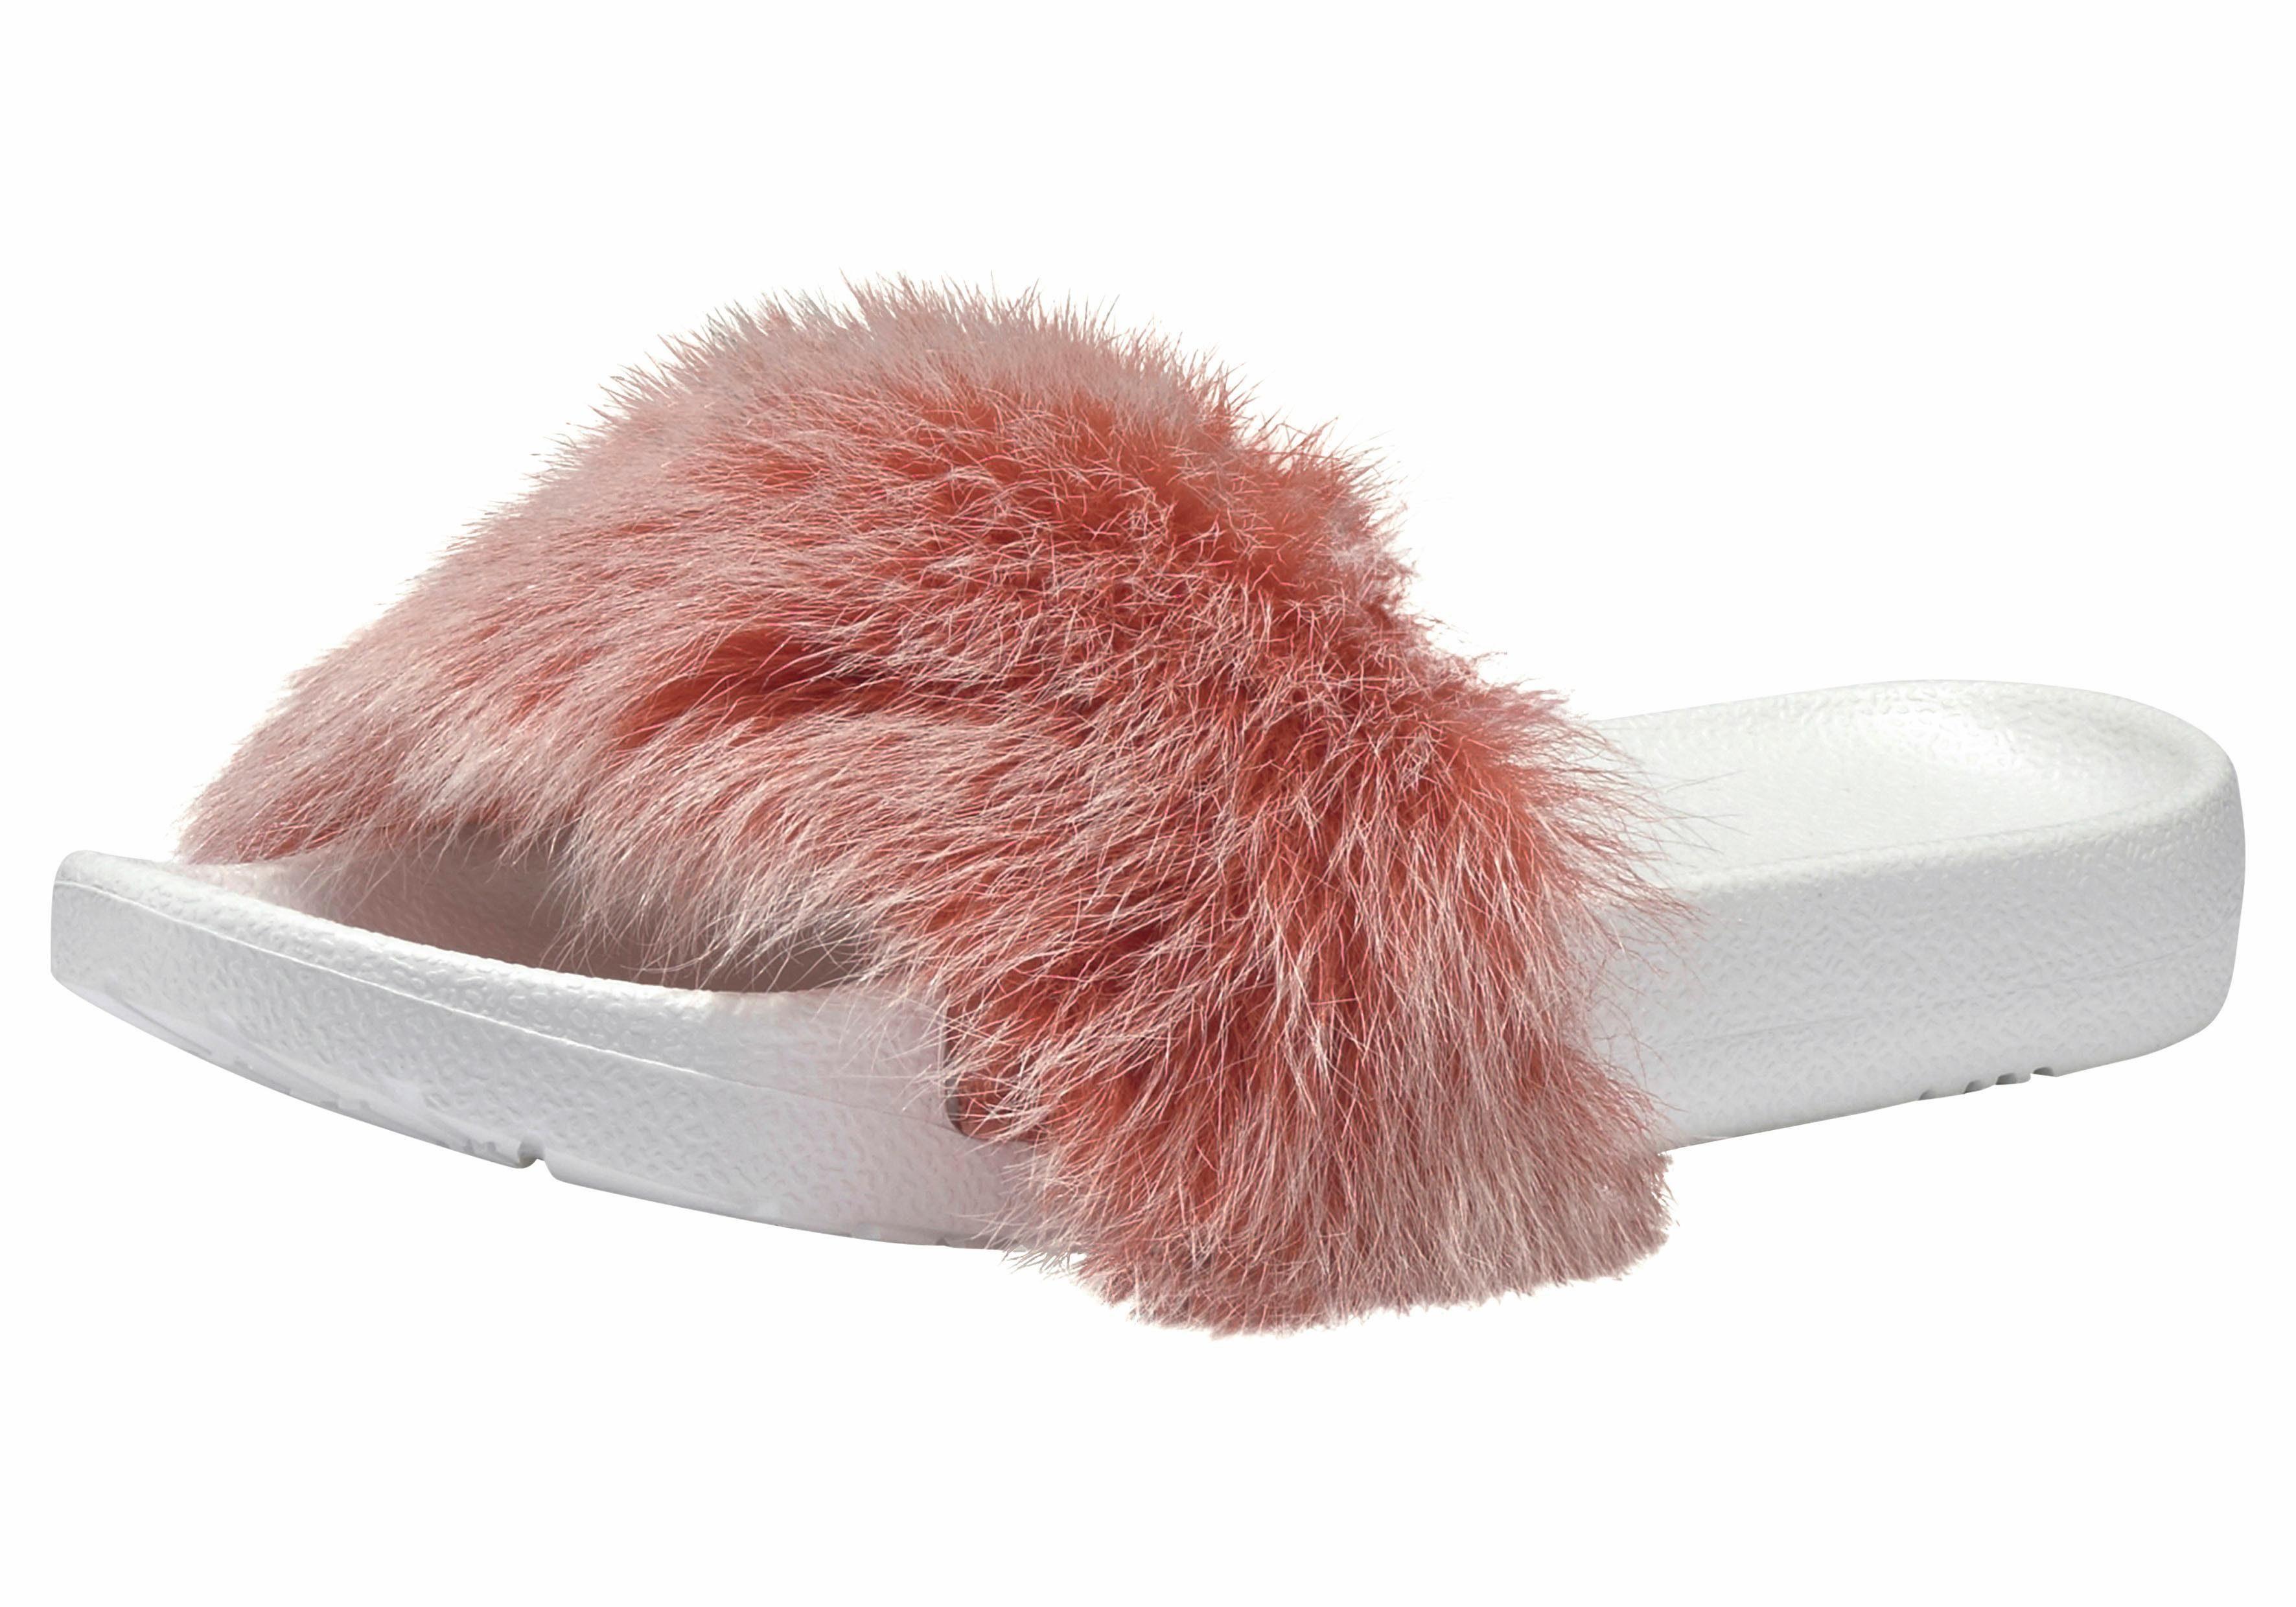 UGG »Royale Tipped« Pantolette, mit tollem Fellbesatz, rosa, US-Größen, beere